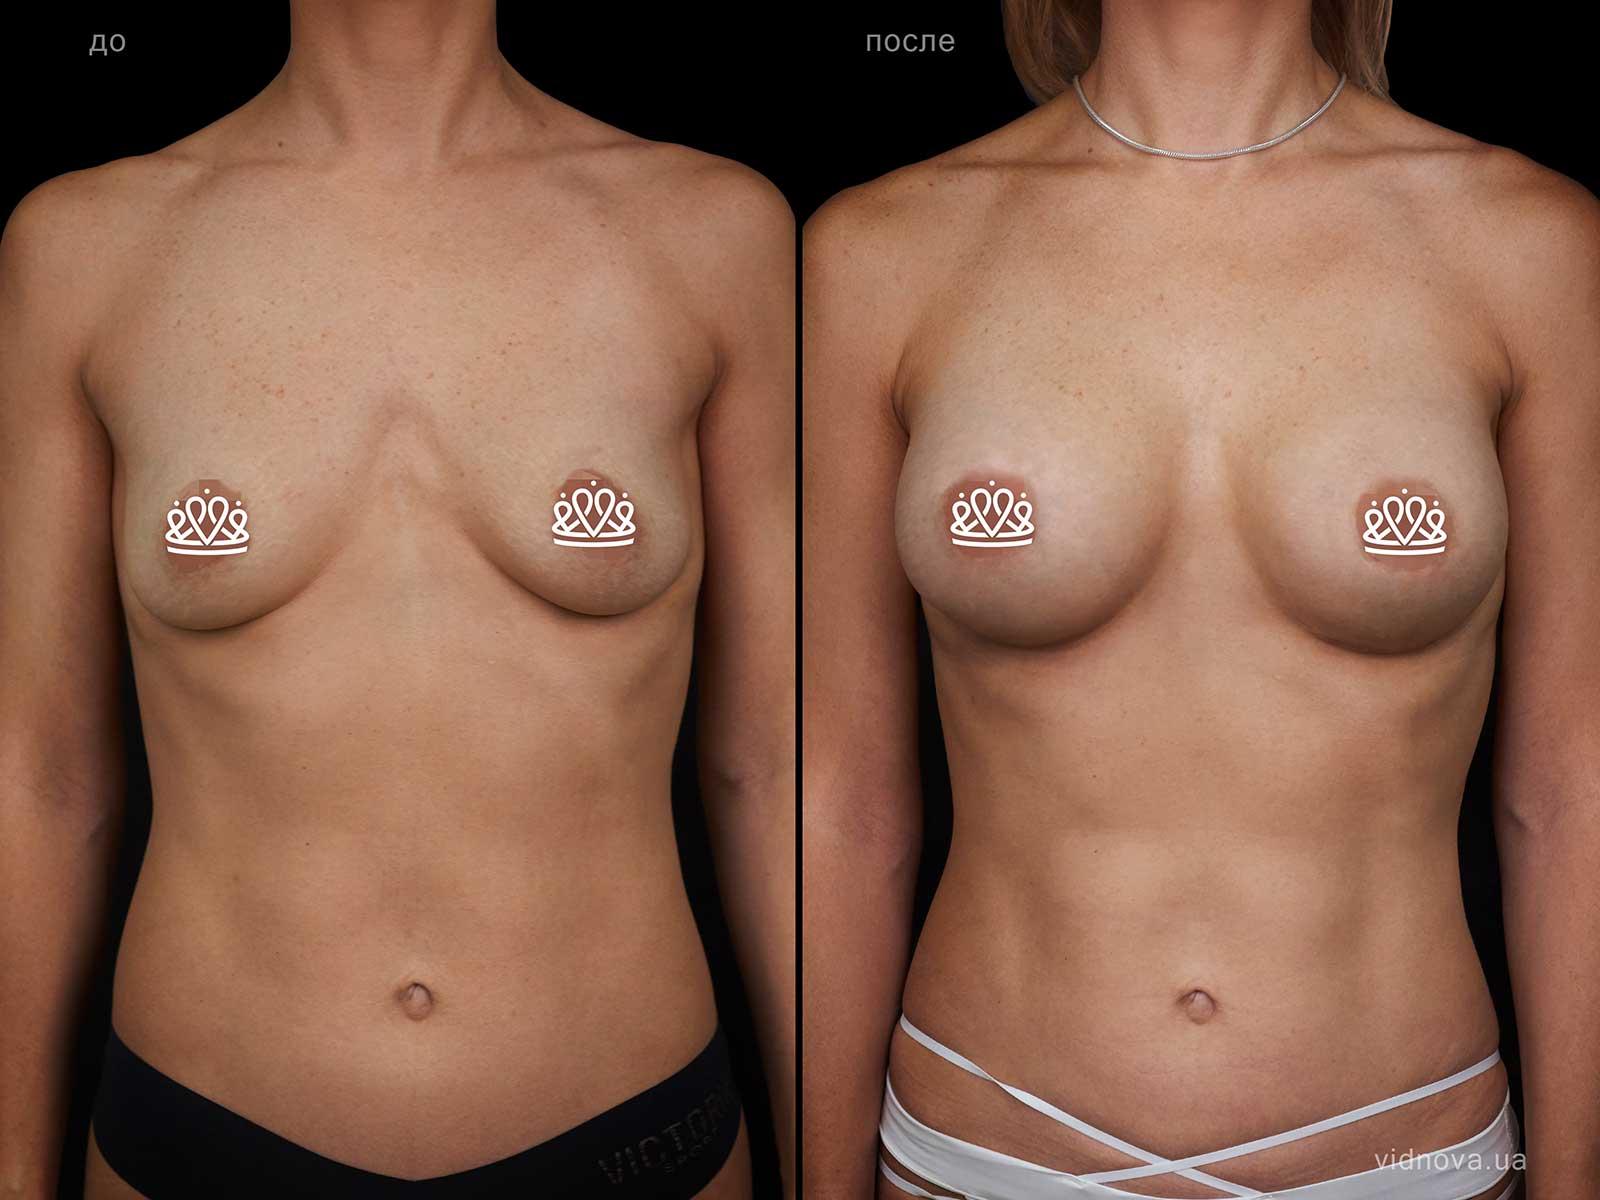 Пластика груди: результаты до и после - Пример №109-0 - Светлана Работенко